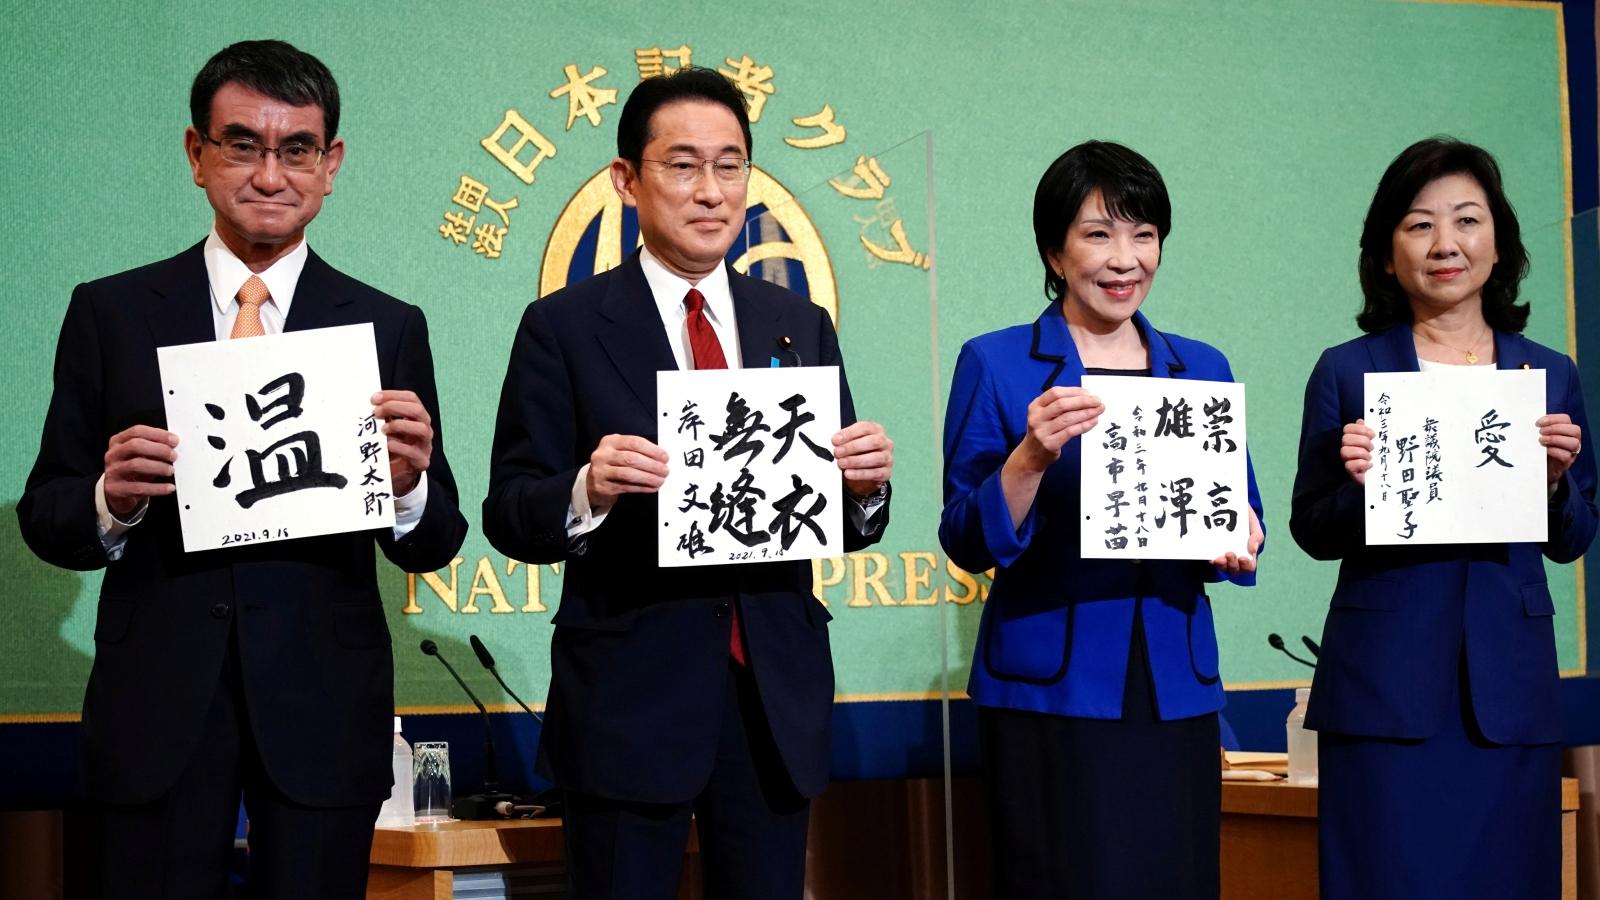 Thủ tướng thứ 100 của Nhật Bản và cuộc đua đặc biệt